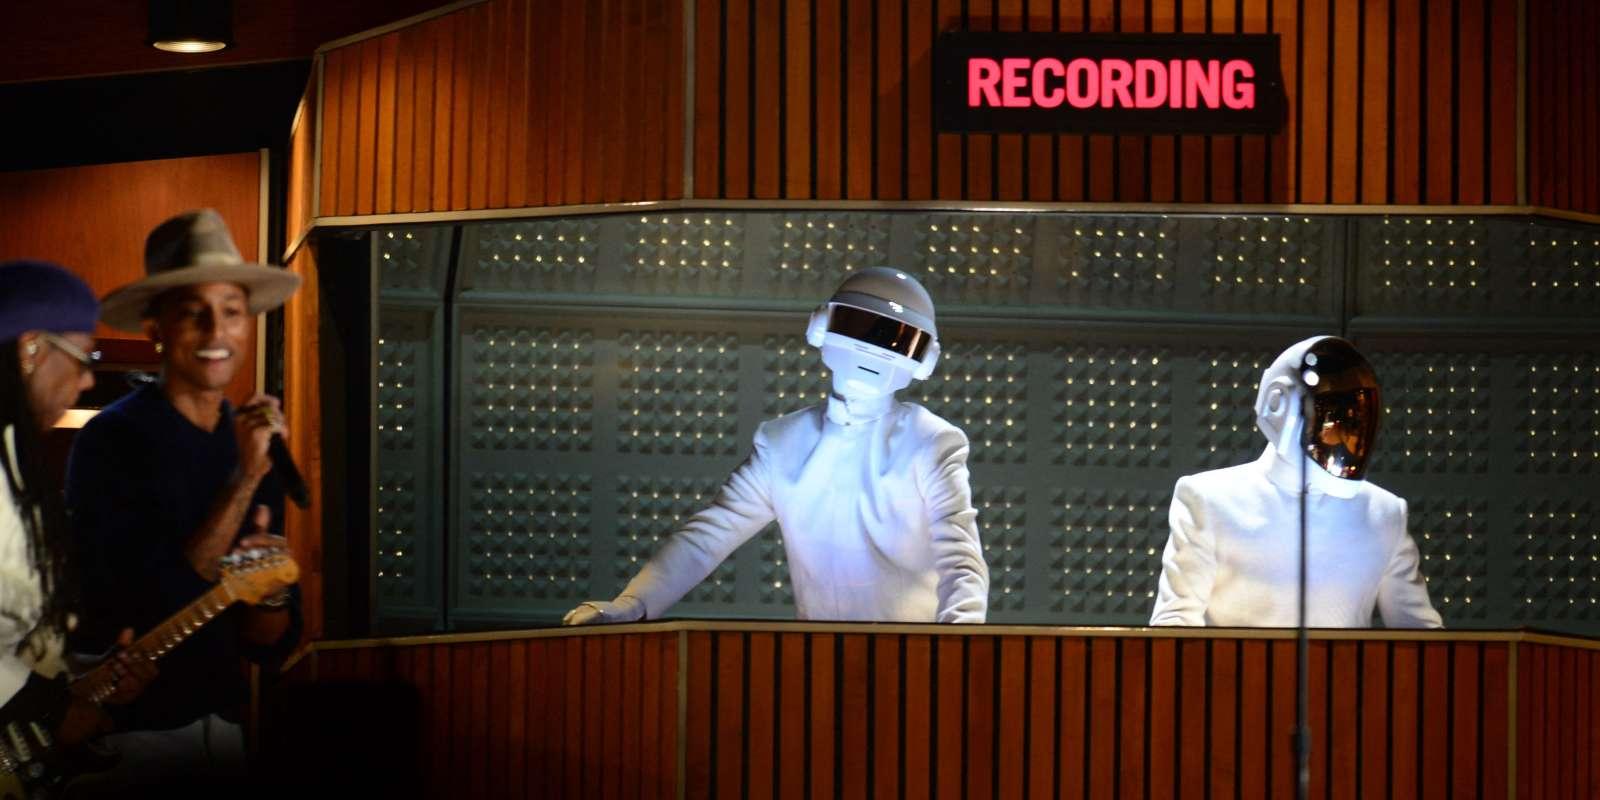 Le 26 janvier 2014, les Daft Punk lors de la cérémonie des Grammy Awards au Staples Center de Los Angeles (en Californie).